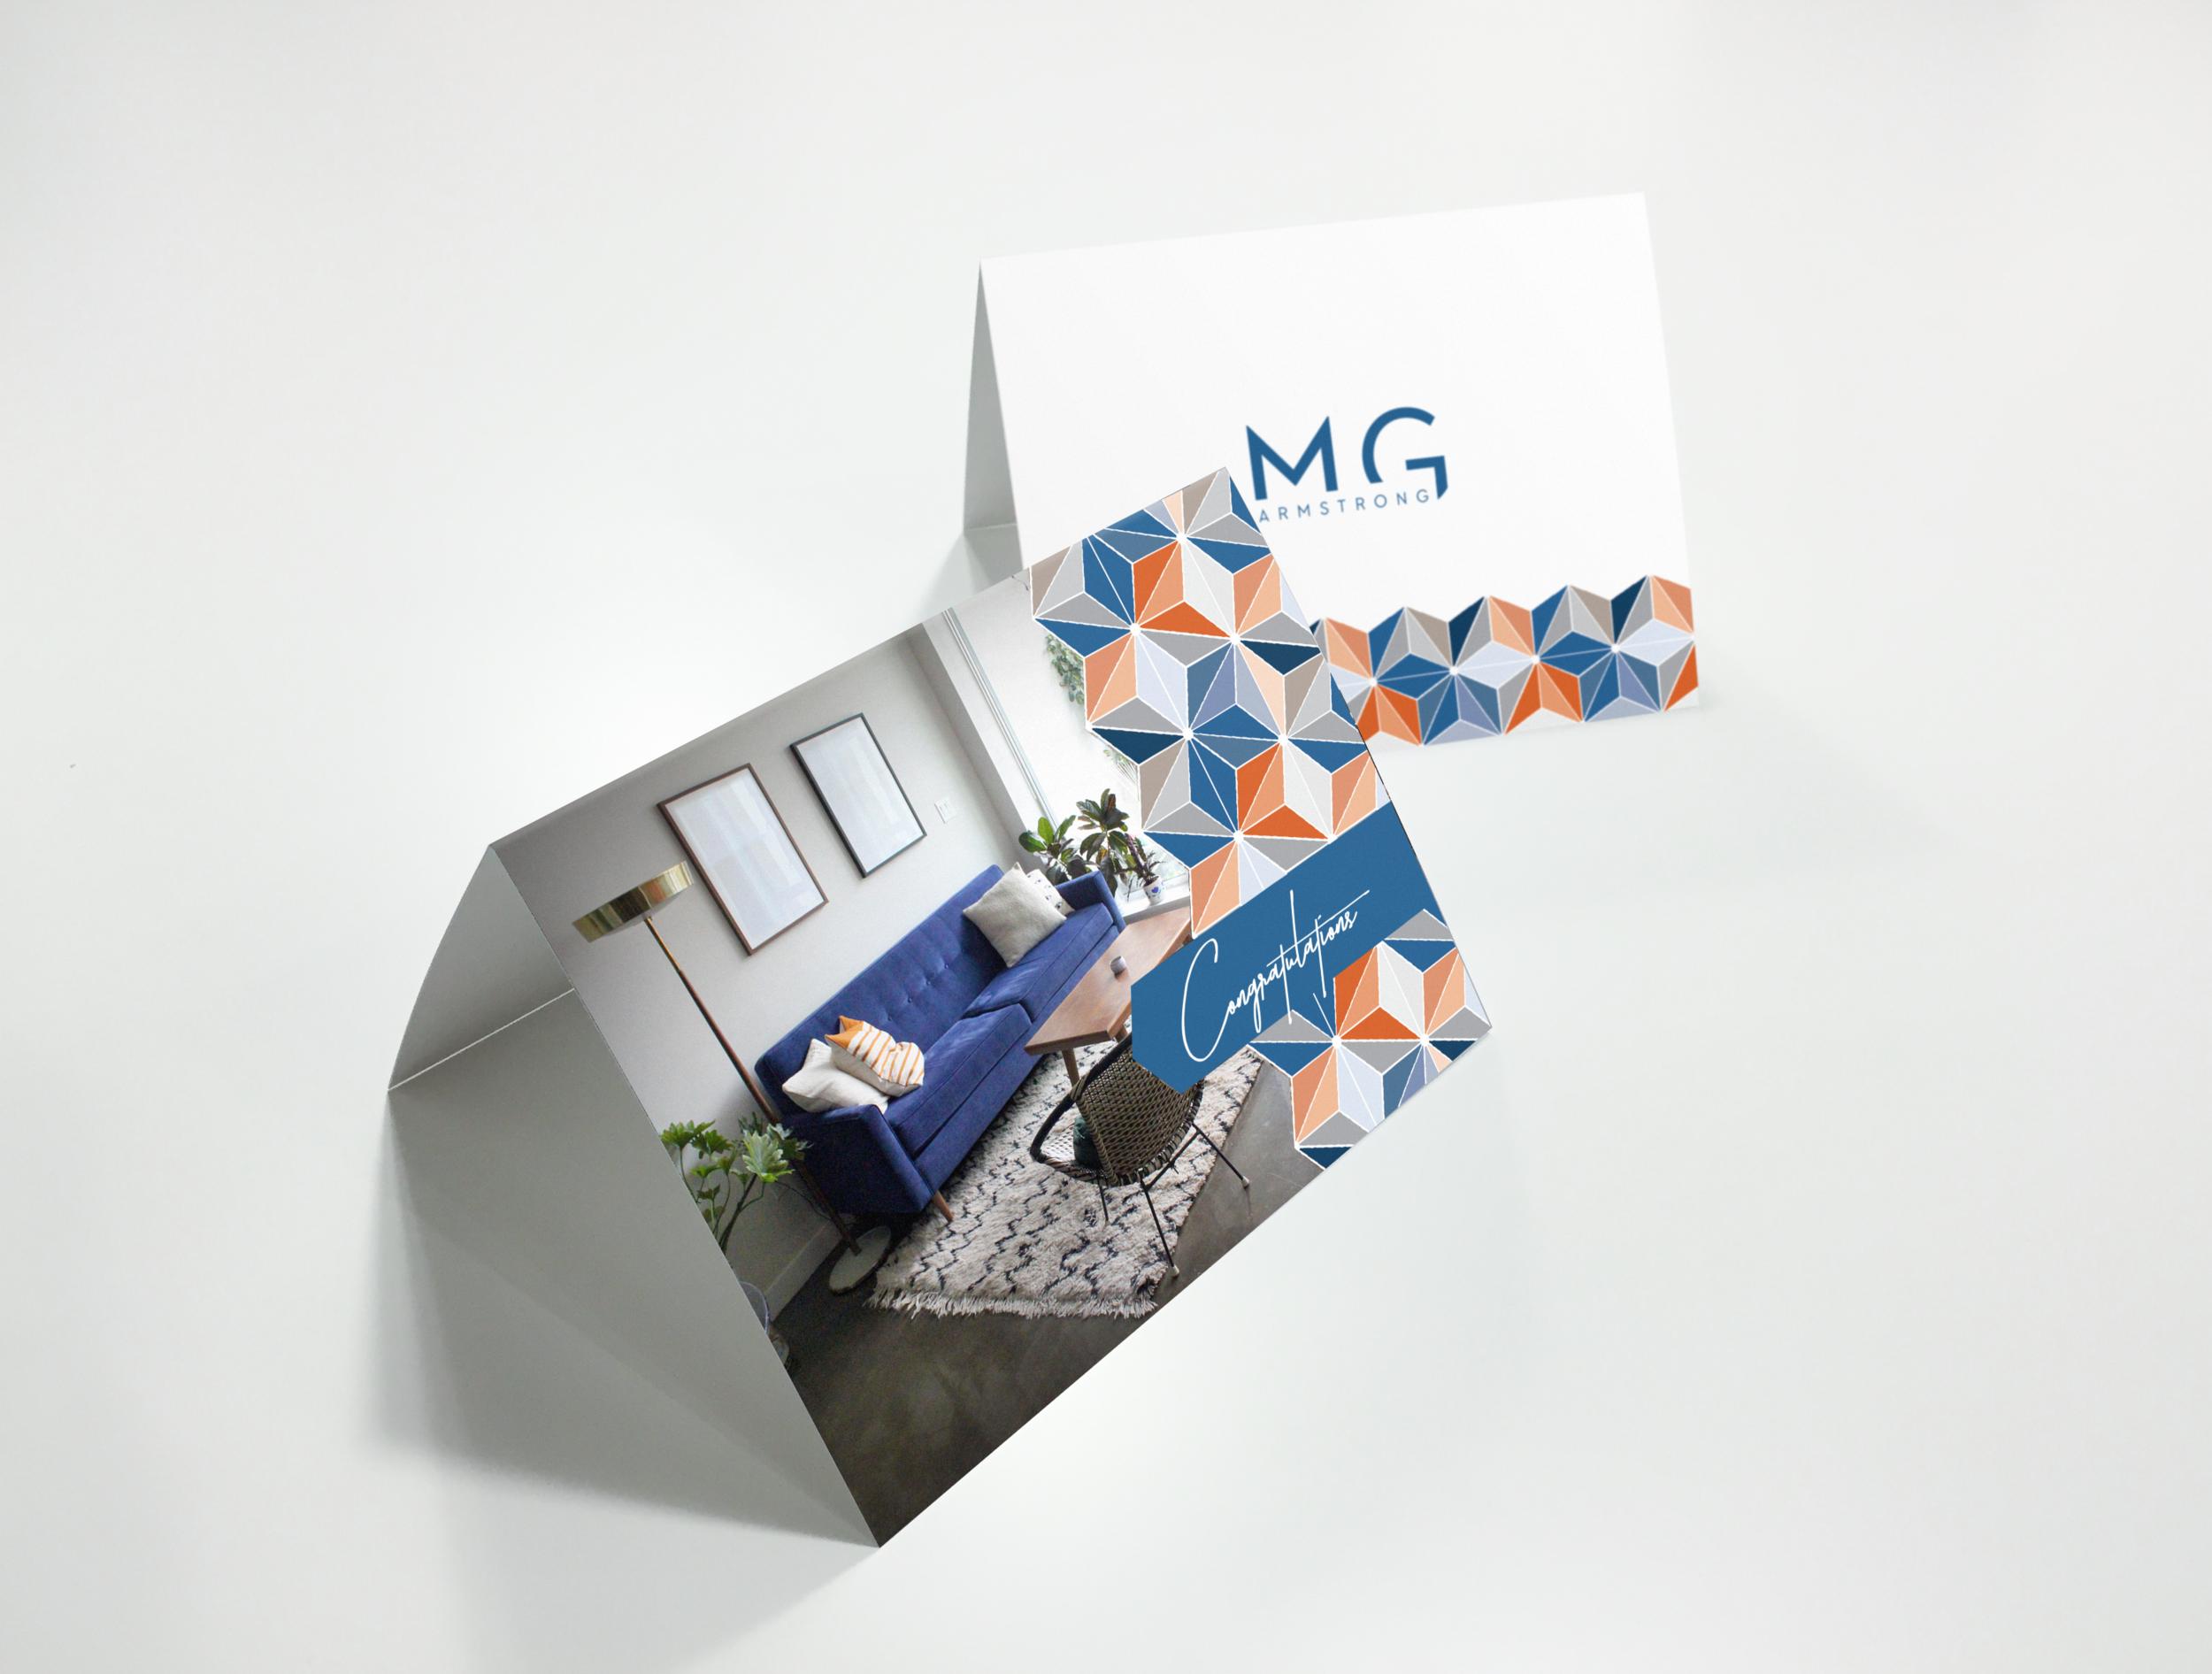 Notecard_Mockup_MGA.png